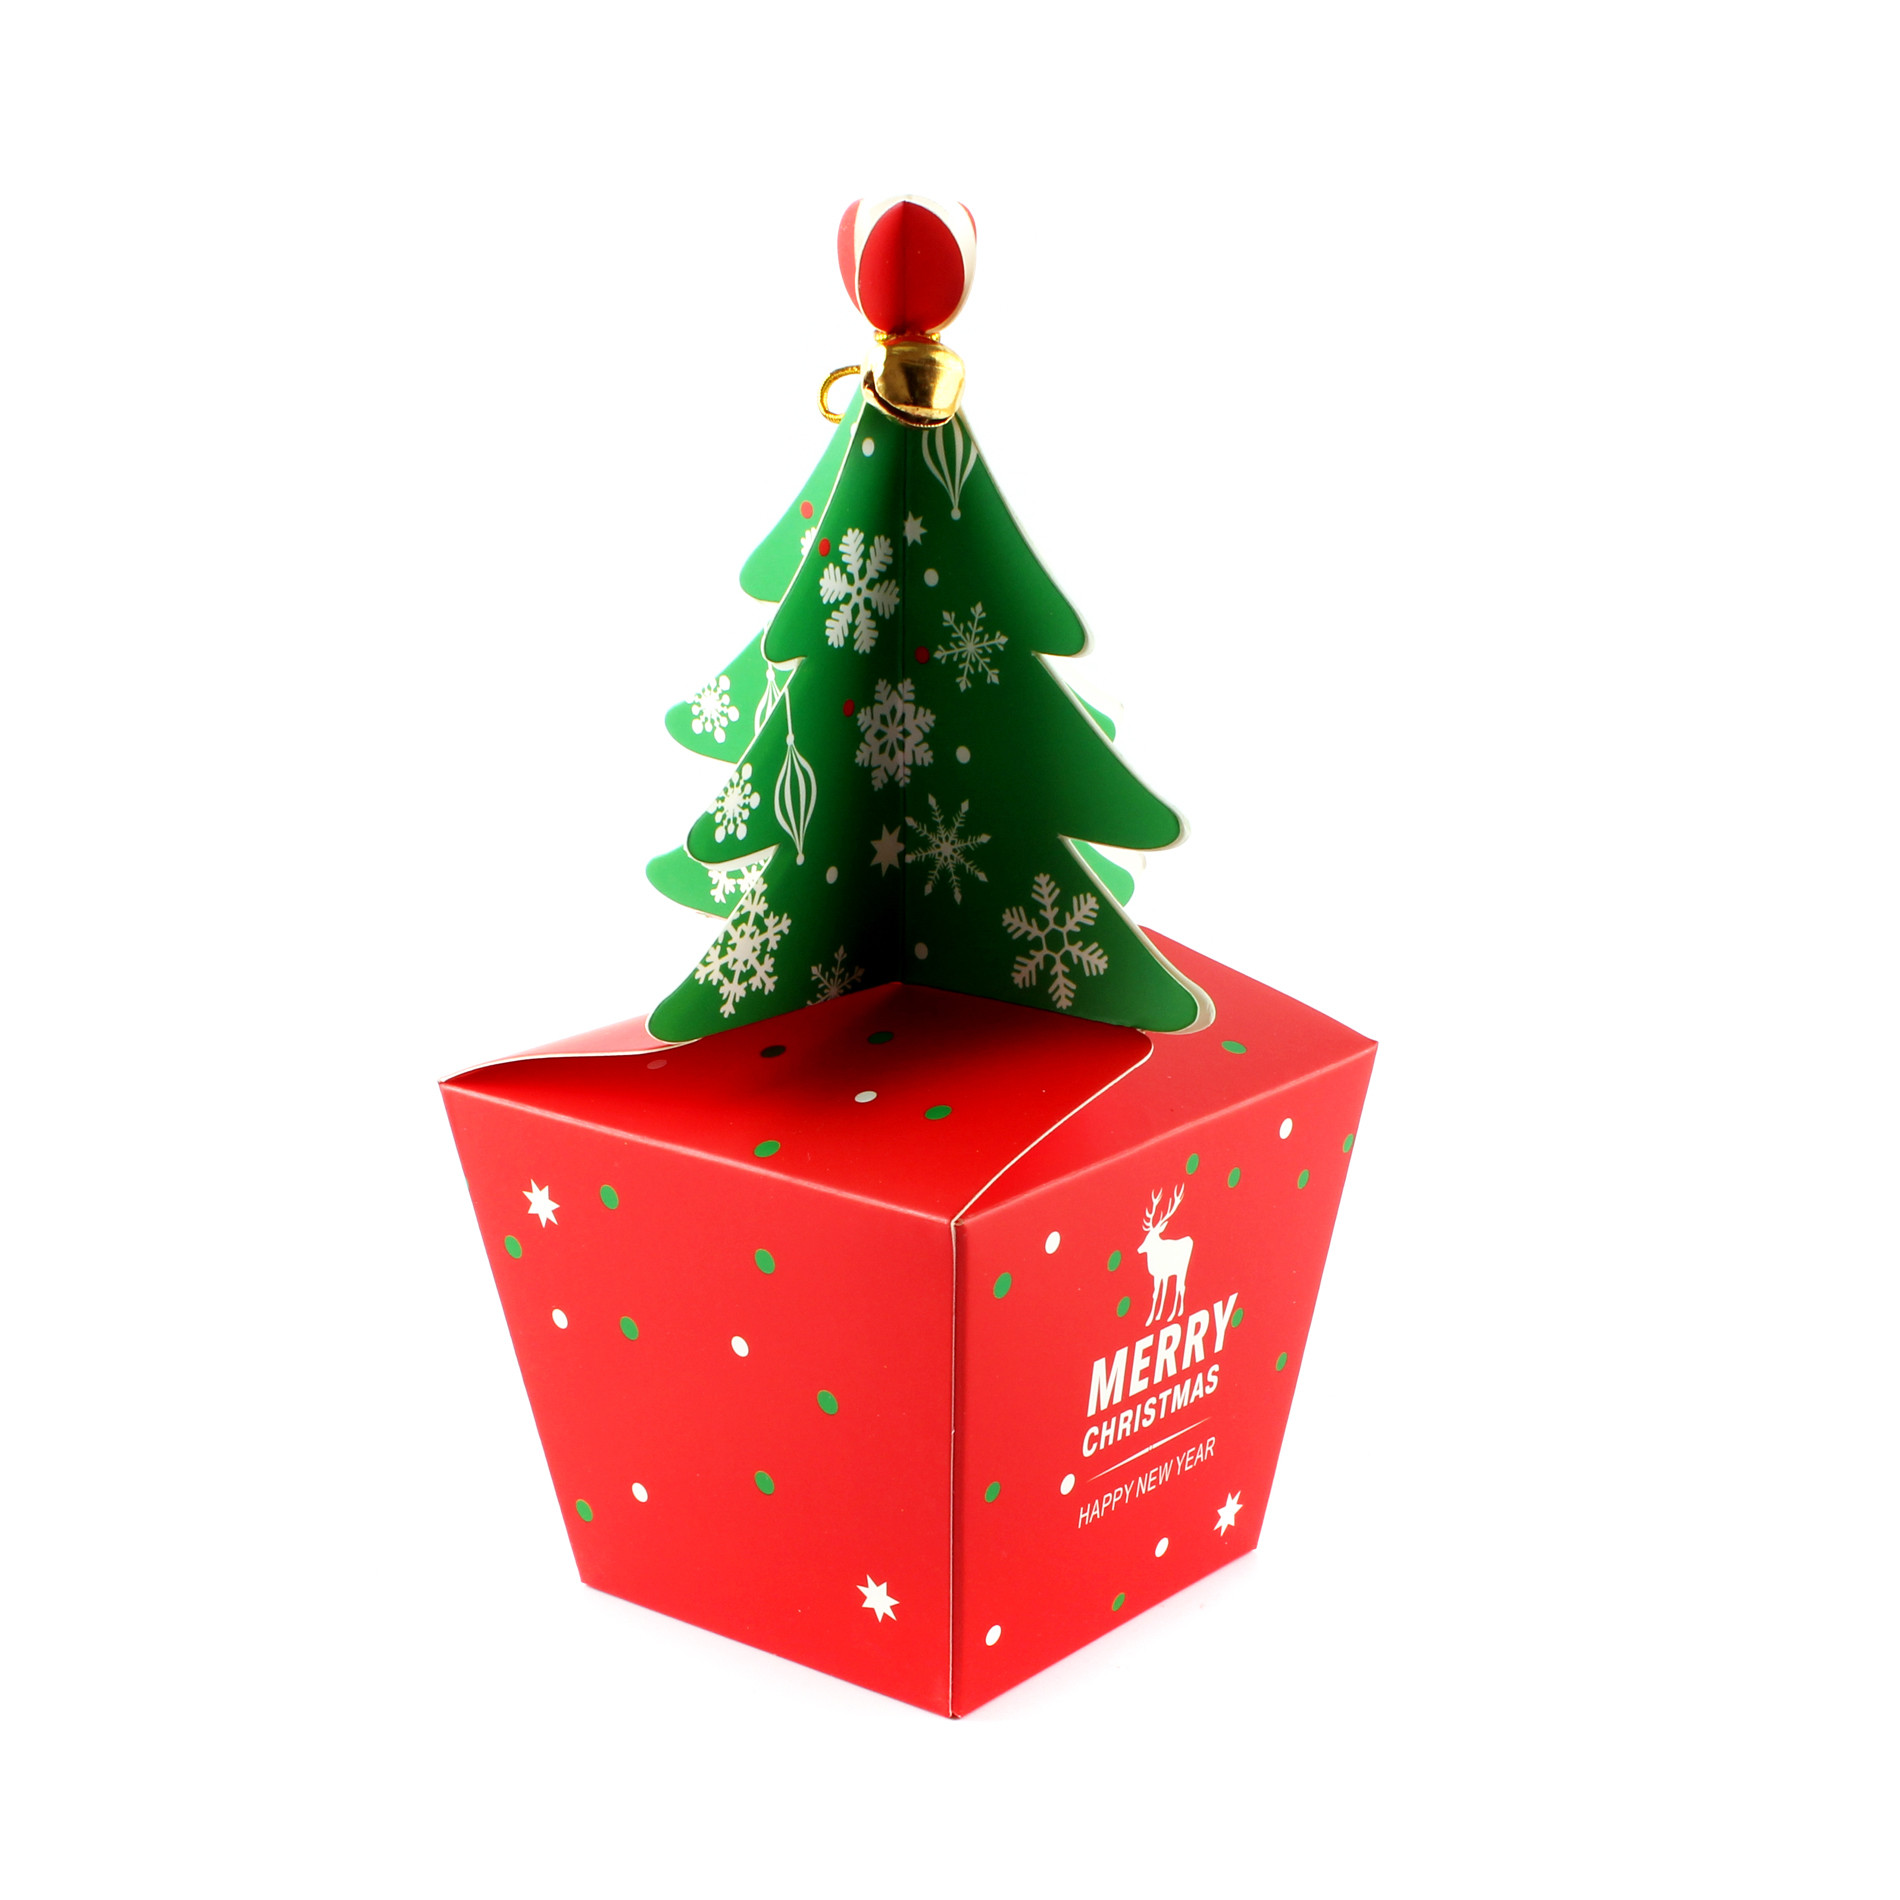 Christmas Candy Gift Box  5PCS Xmas Christmas Gift Boxes Christmas Eve Apple Box